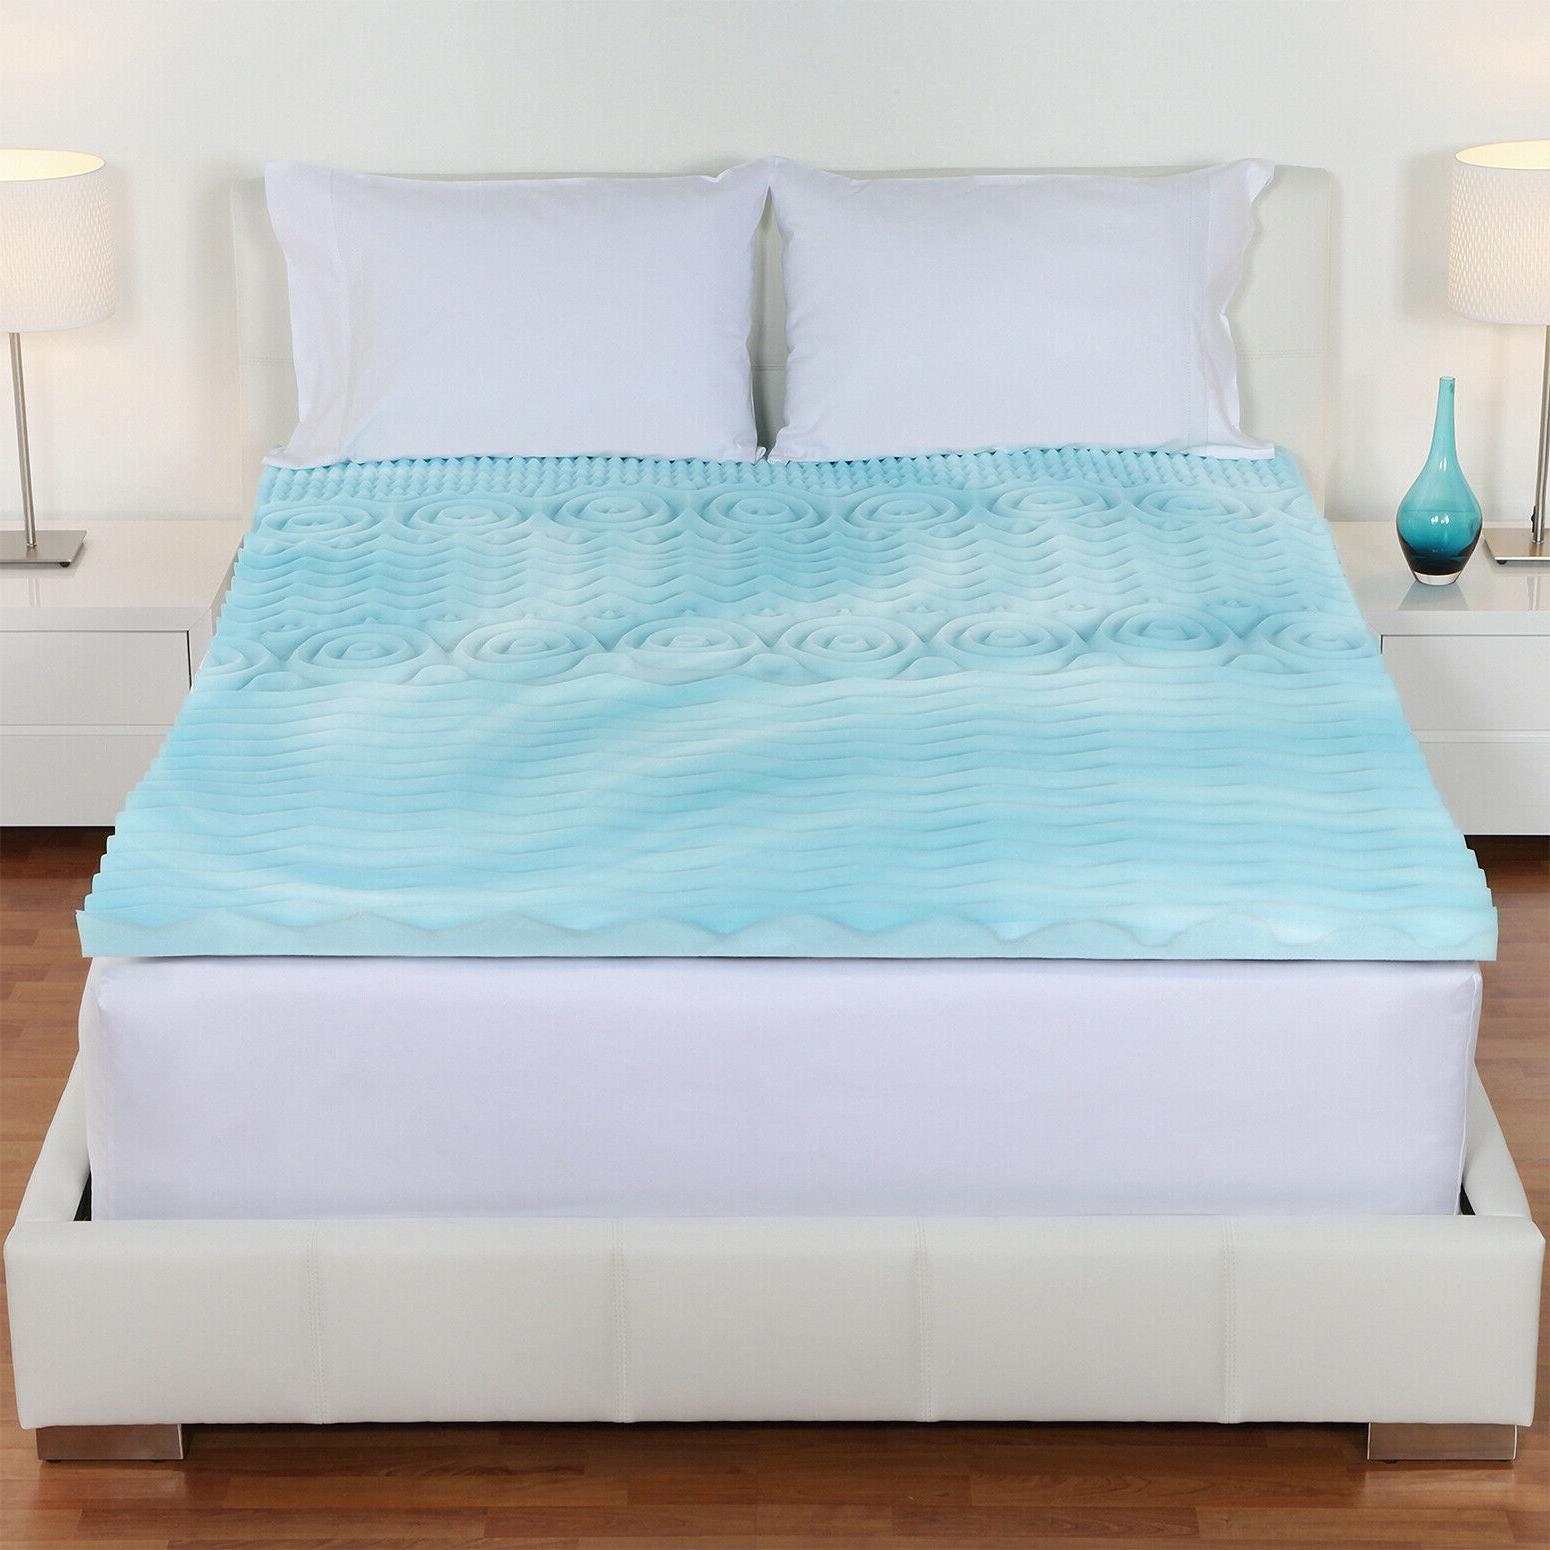 Gel Foam Mattress Topper Twin-XL Size 3-Inch Cooling